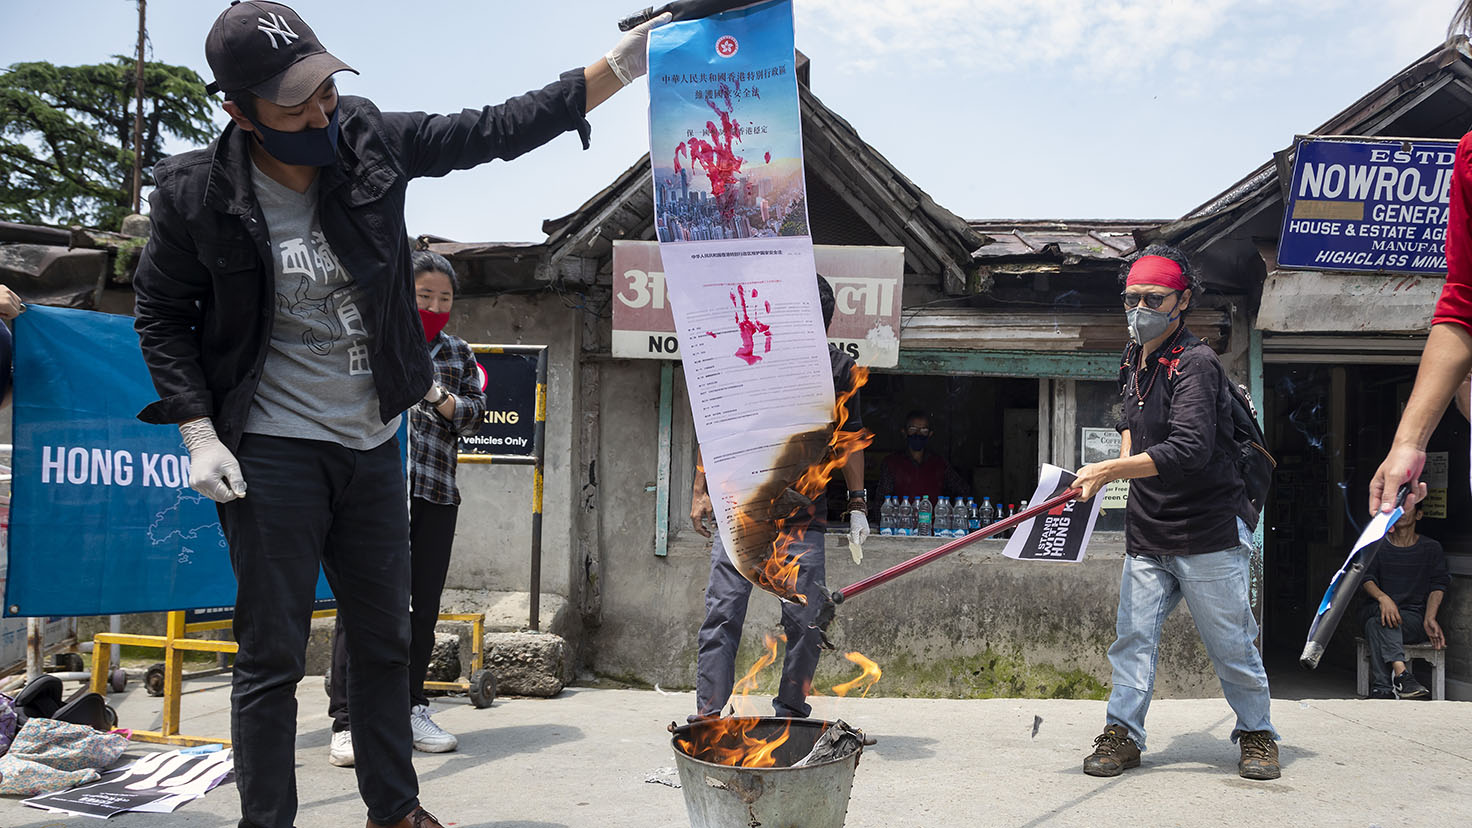 2020年7月4日,印度达兰萨拉的流亡藏人抗议中国压制香港自由。(美联社)